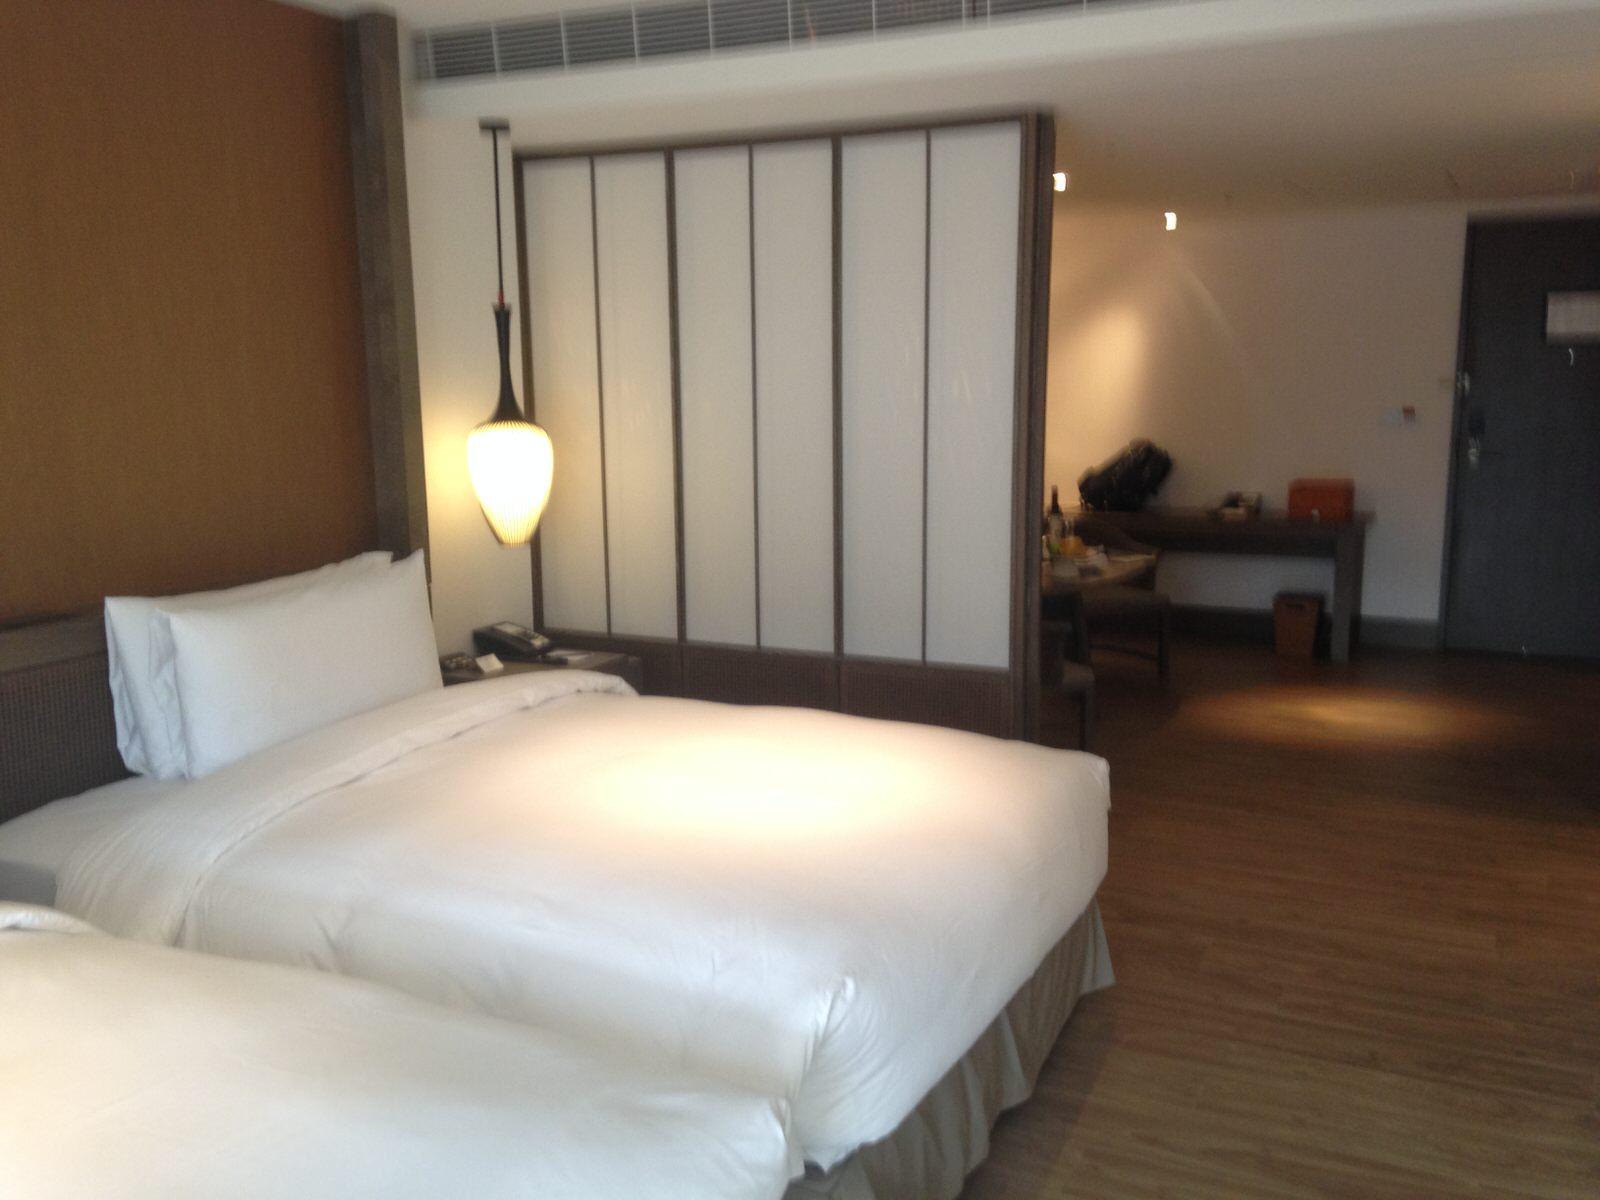 台南に新しくオープンした「シルクスプレイスホテル」に泊まってみた。台南晶英酒店